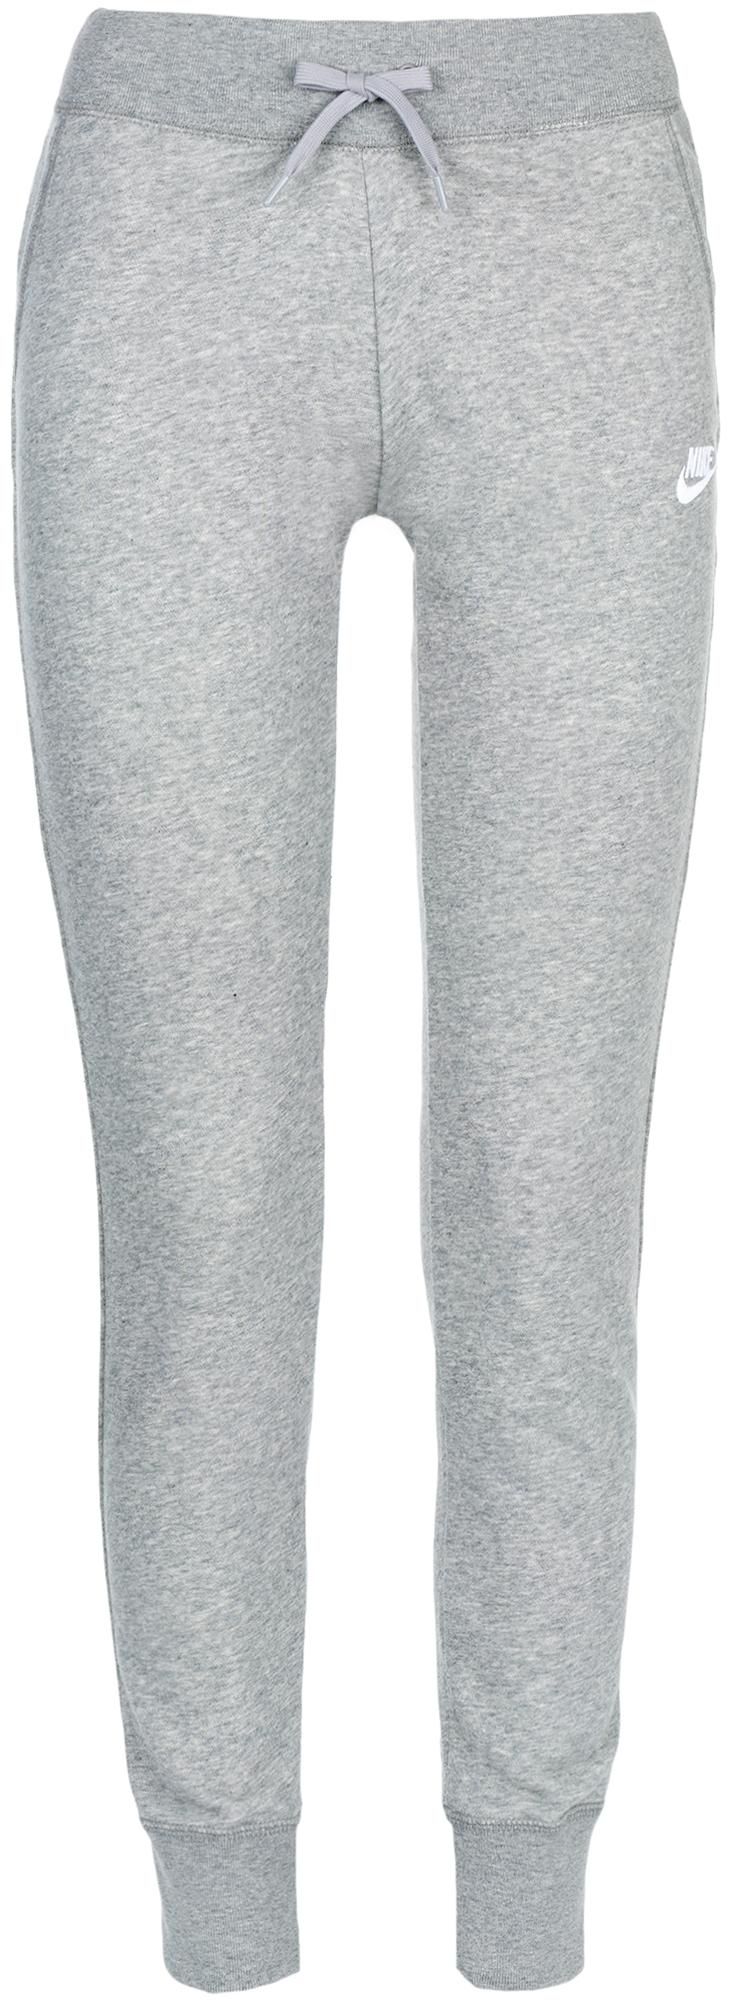 где купить Nike Брюки женские Nike Sportswear по лучшей цене